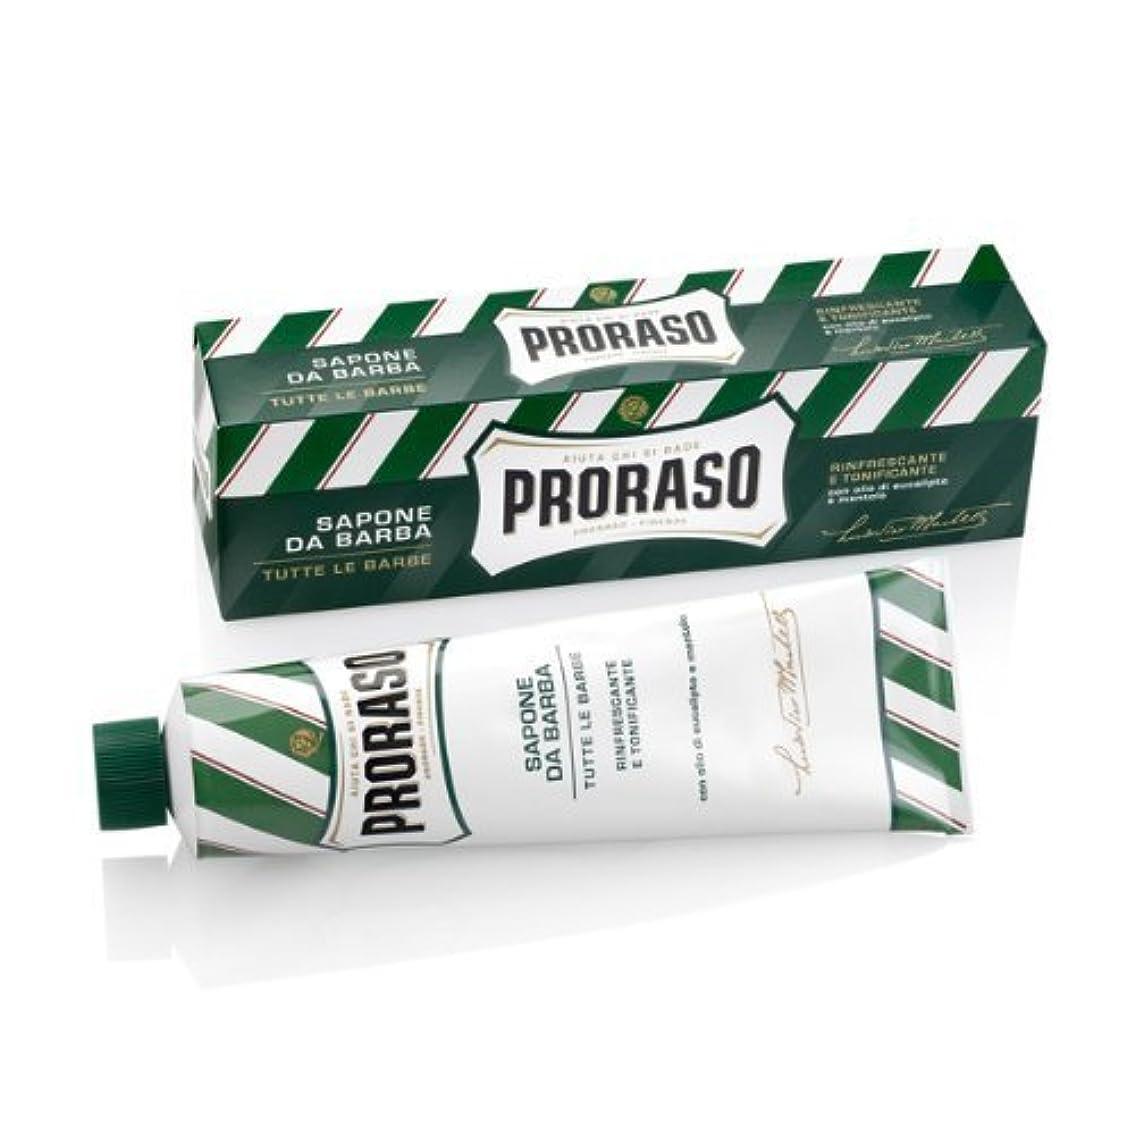 鉄道ベンチ挑むProraso Eucalyptus & Menthol Shaving Cream - 150 ml. by Proraso [並行輸入品]